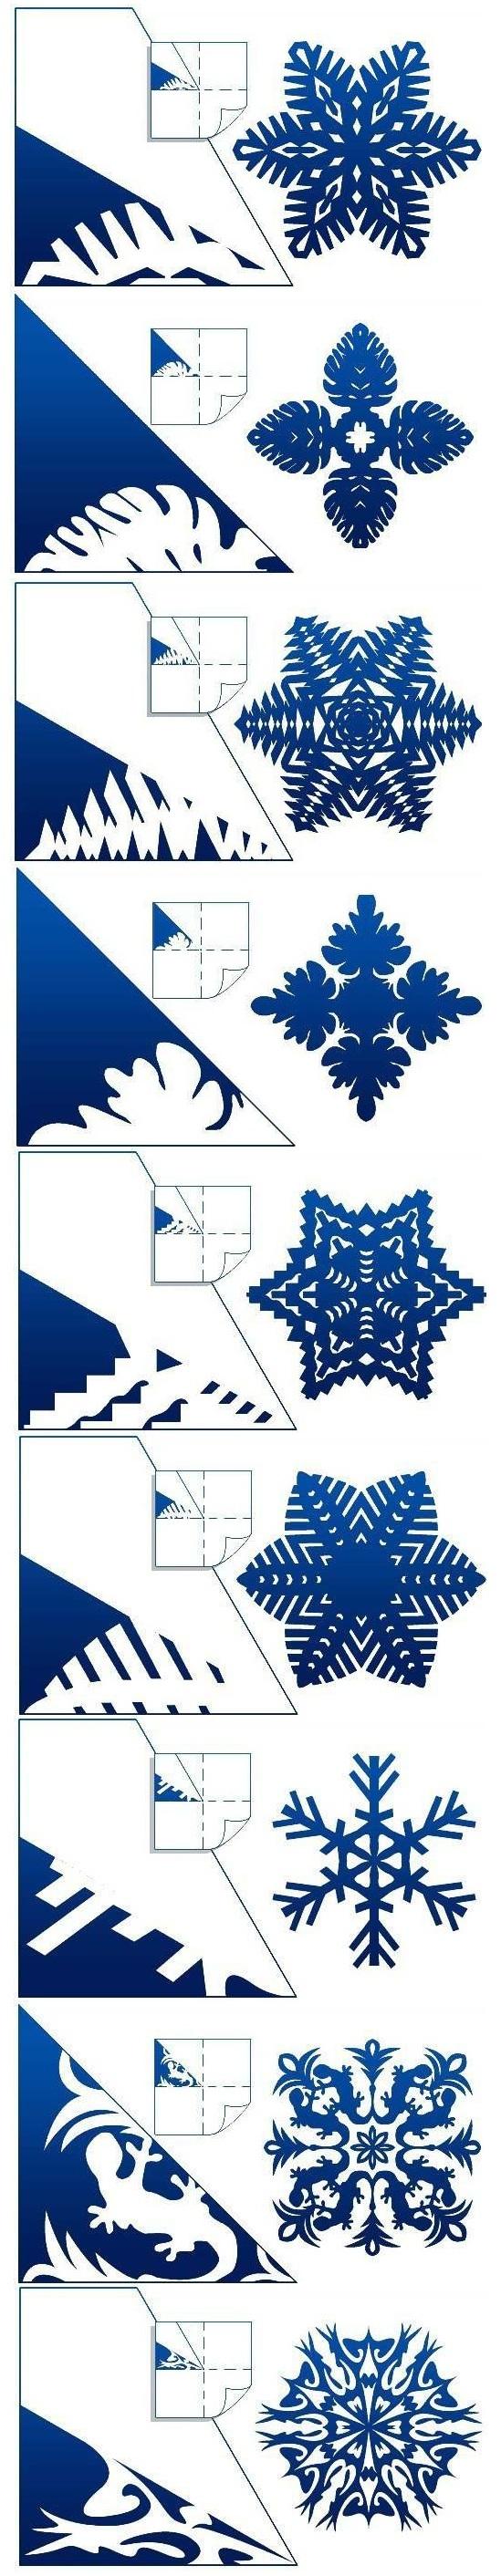 вырезаем новогодние снежинки из бумаги для украшения дома